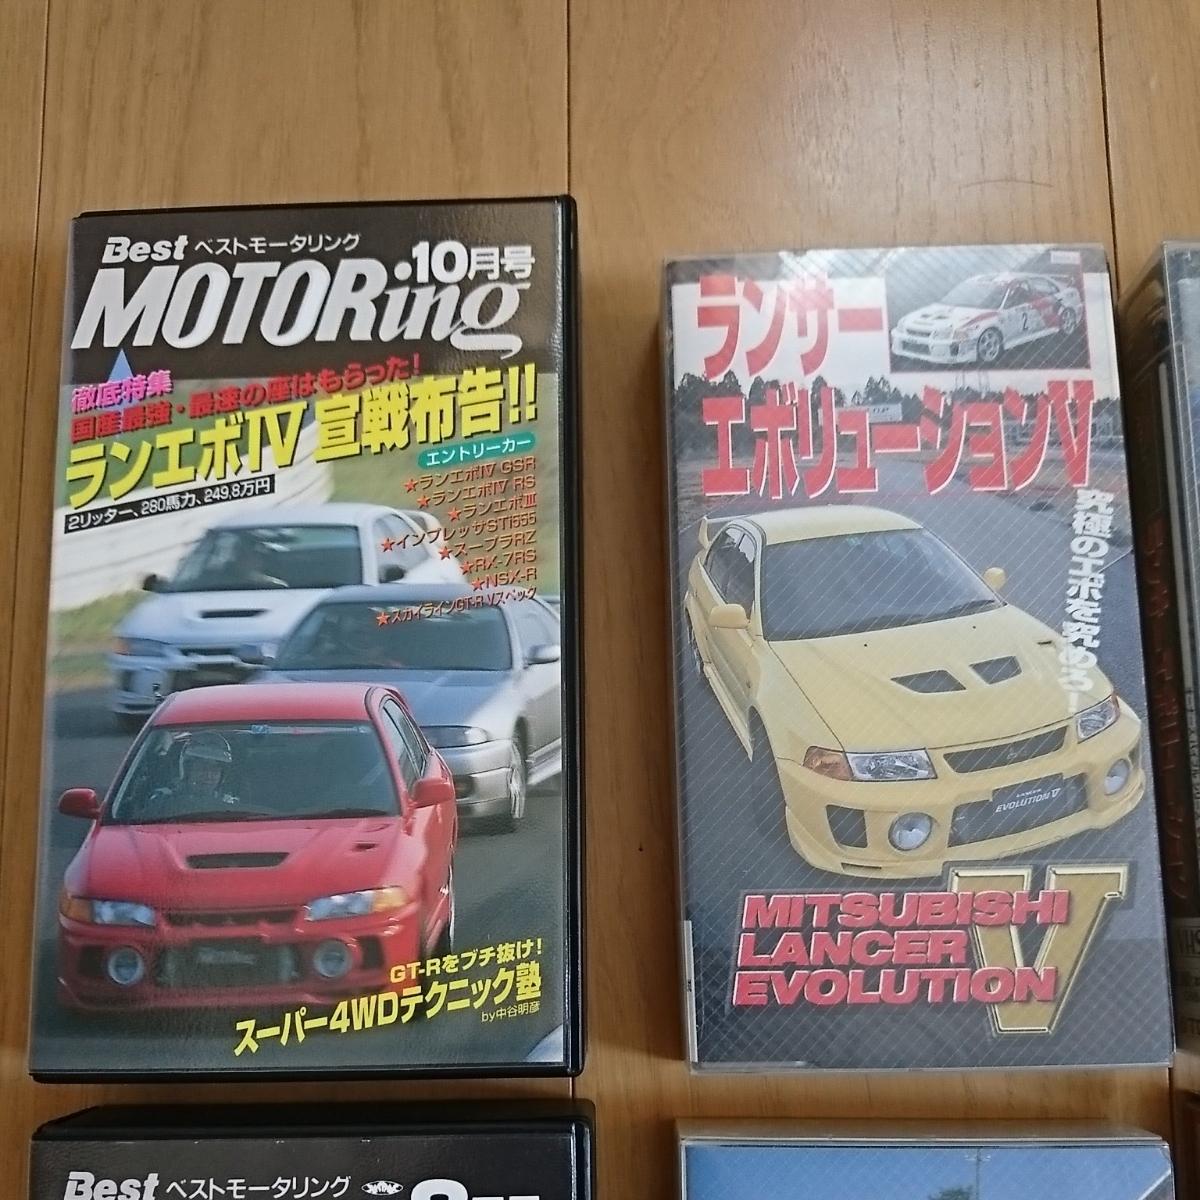 激レア!三菱 ランサーエボリューション・WRC・ラリー 関連のVHSビデオテープ8本セット_画像2